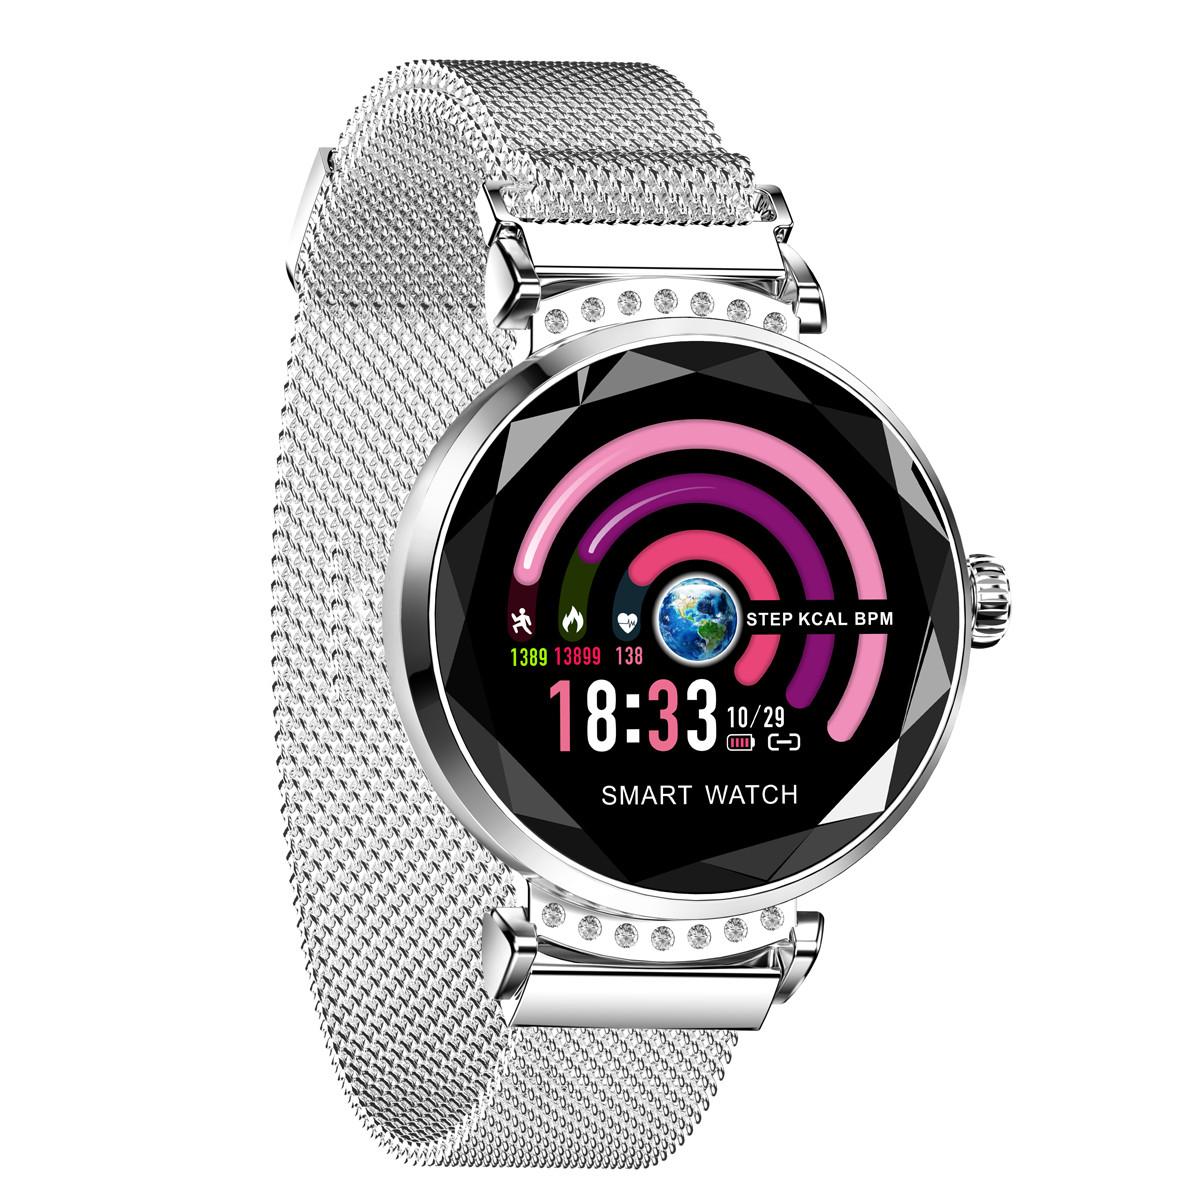 欧达新品圆屏智能手表彩屏血压监测女性周期提醒潮流防水手环H1/H2COLORH2银色